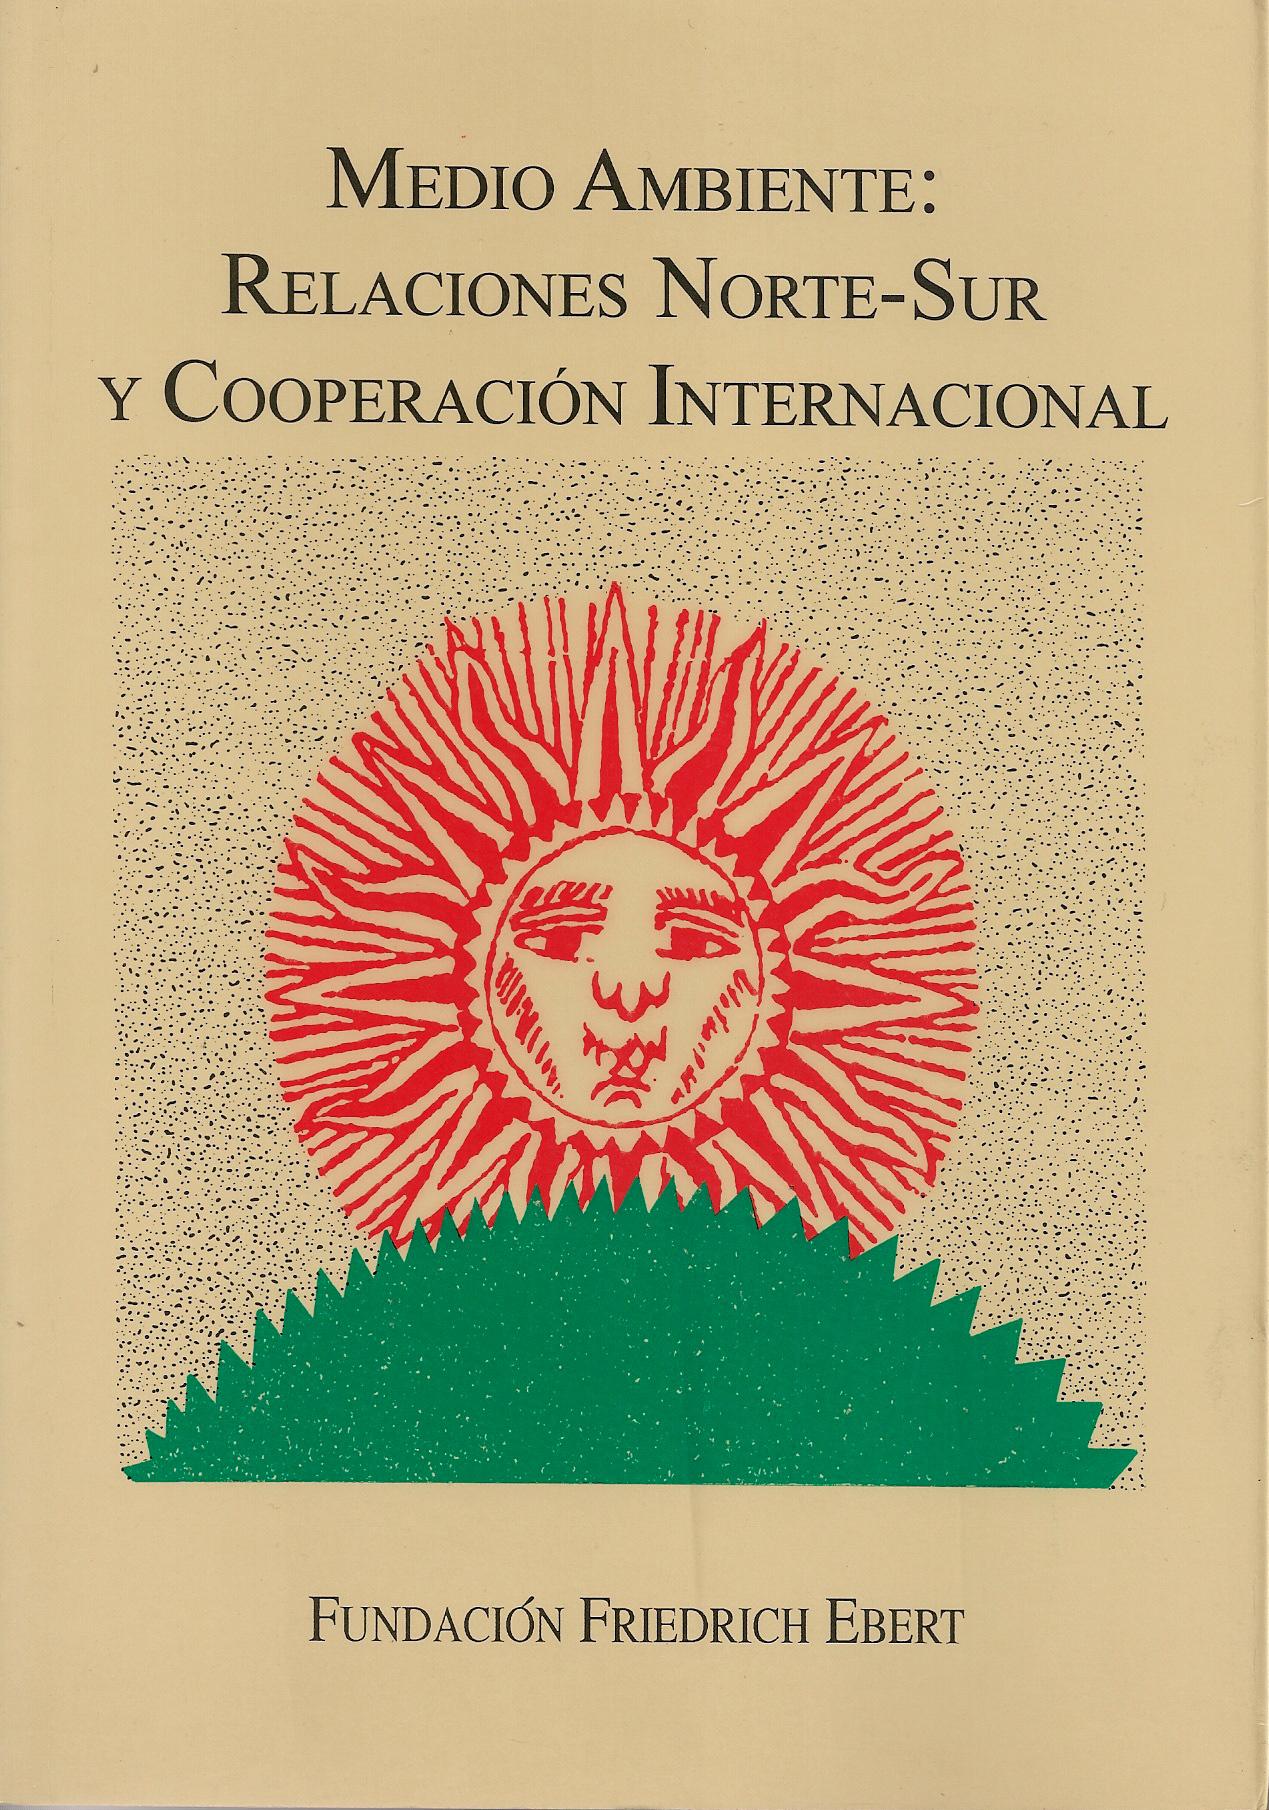 Medio ambiente, relaciones norte-sur y cooperación internacional